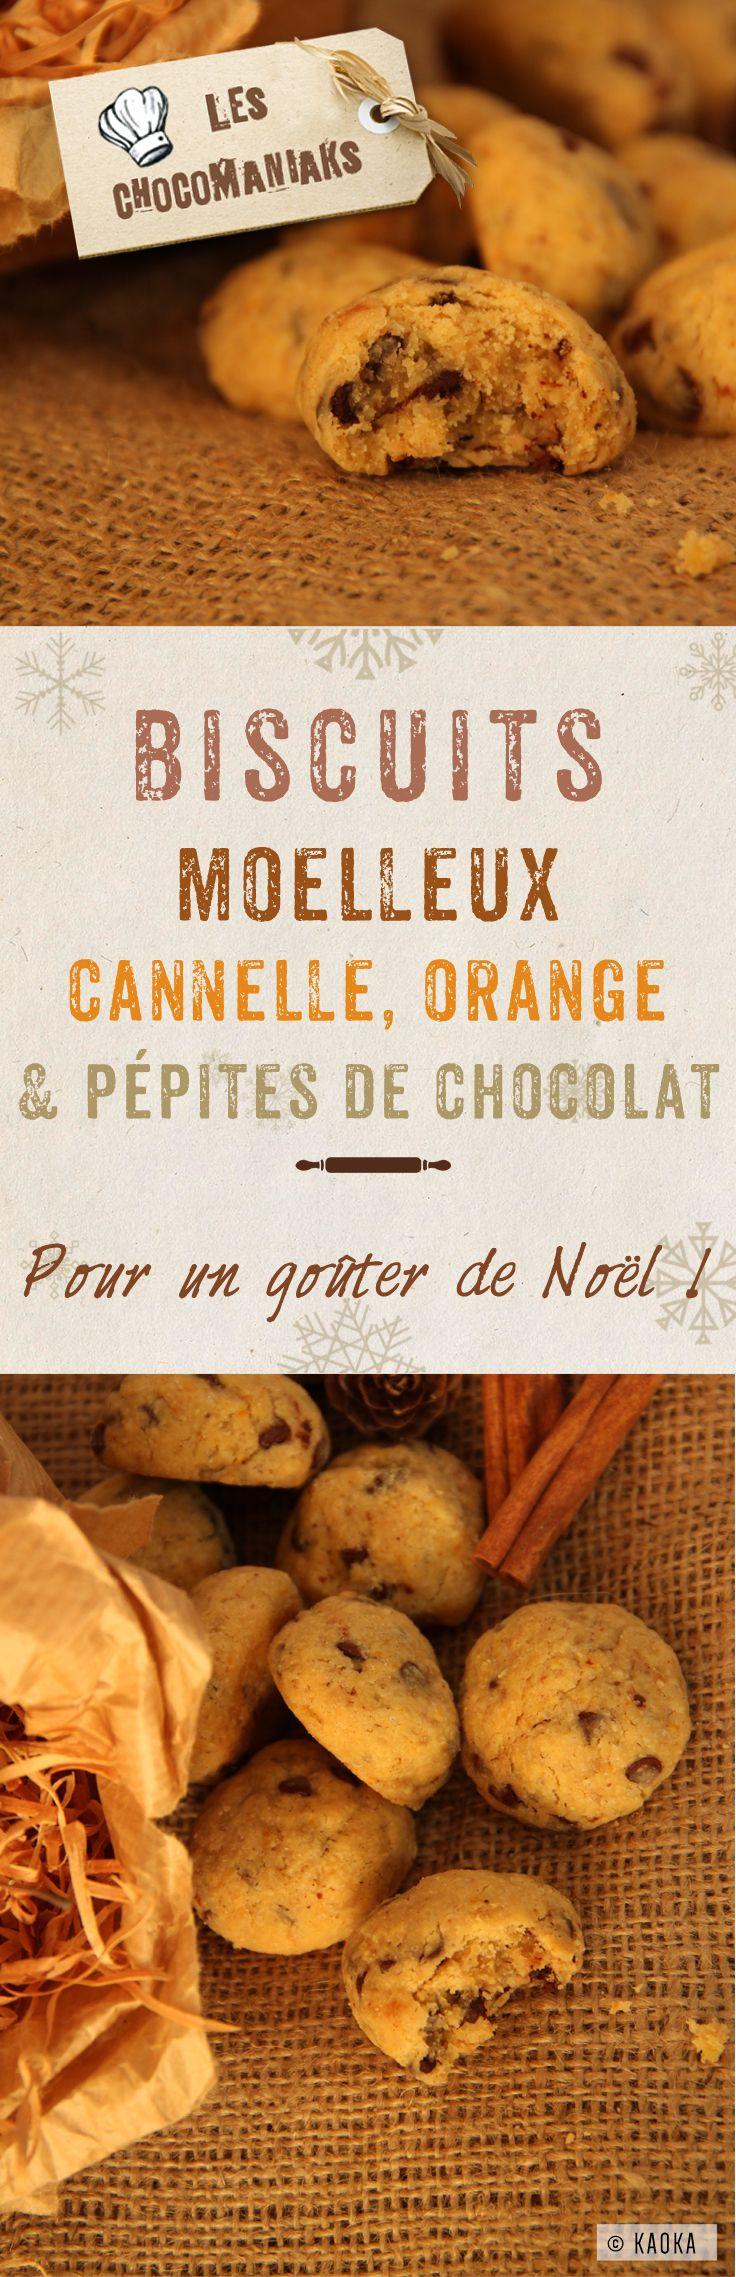 Biscuits Moelleux Cannelle, Orange et Pépites de Chocolat - Pour un goûter de Noël // Blog LesChocomaniaks www.chocomaniaks.fr // ©KAOKA - Chocolat Bio Équitable